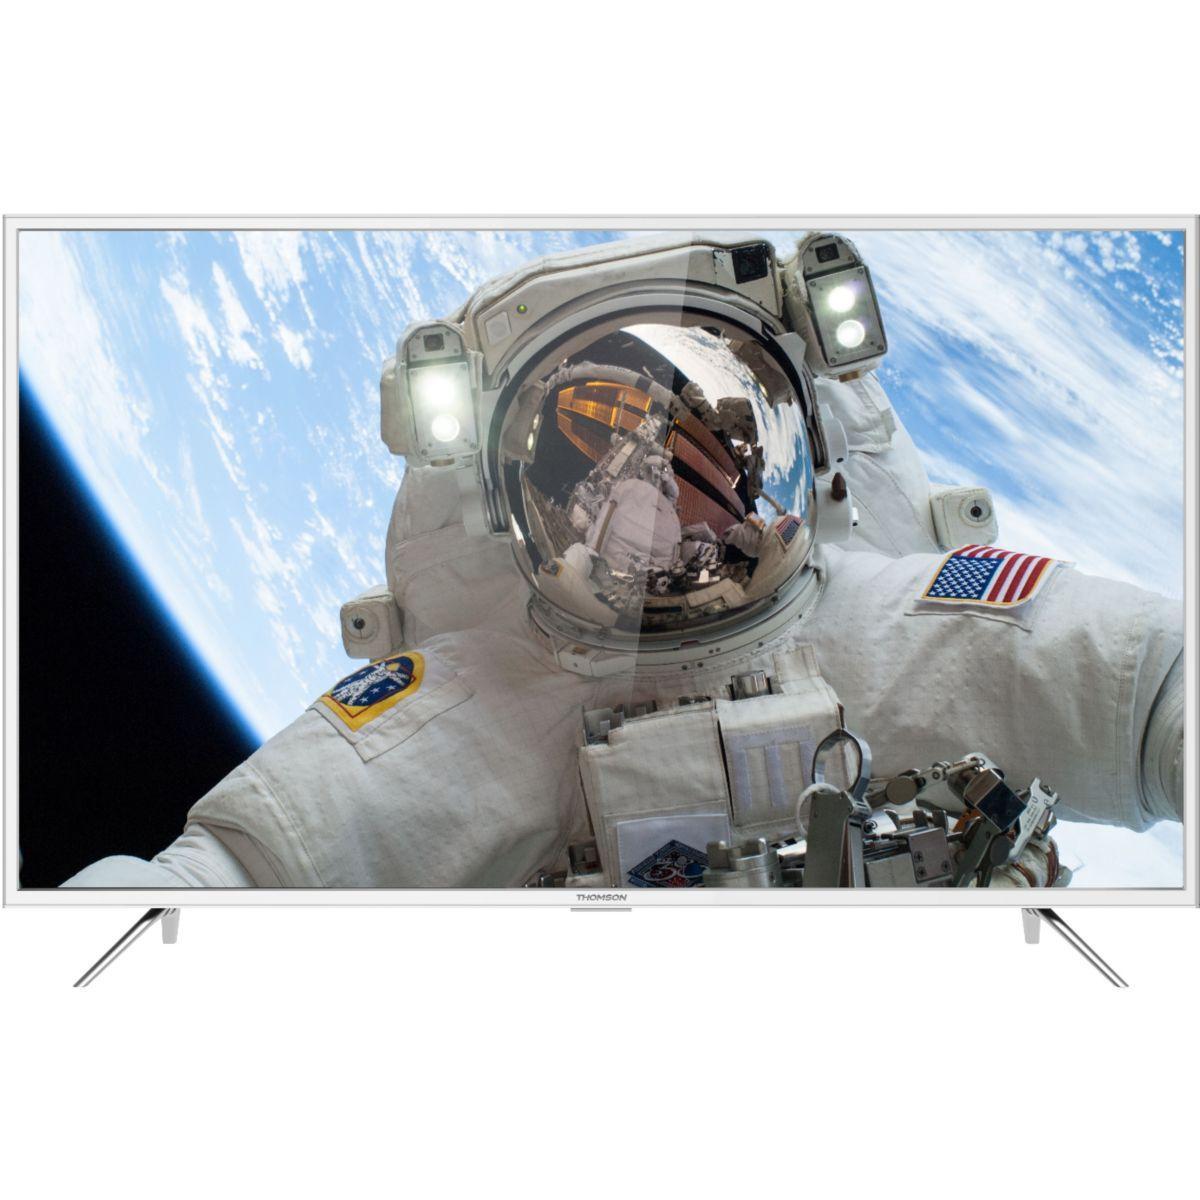 Tv led thomson 49ud6206w - 5% de remise imm�diate avec le code : fete5